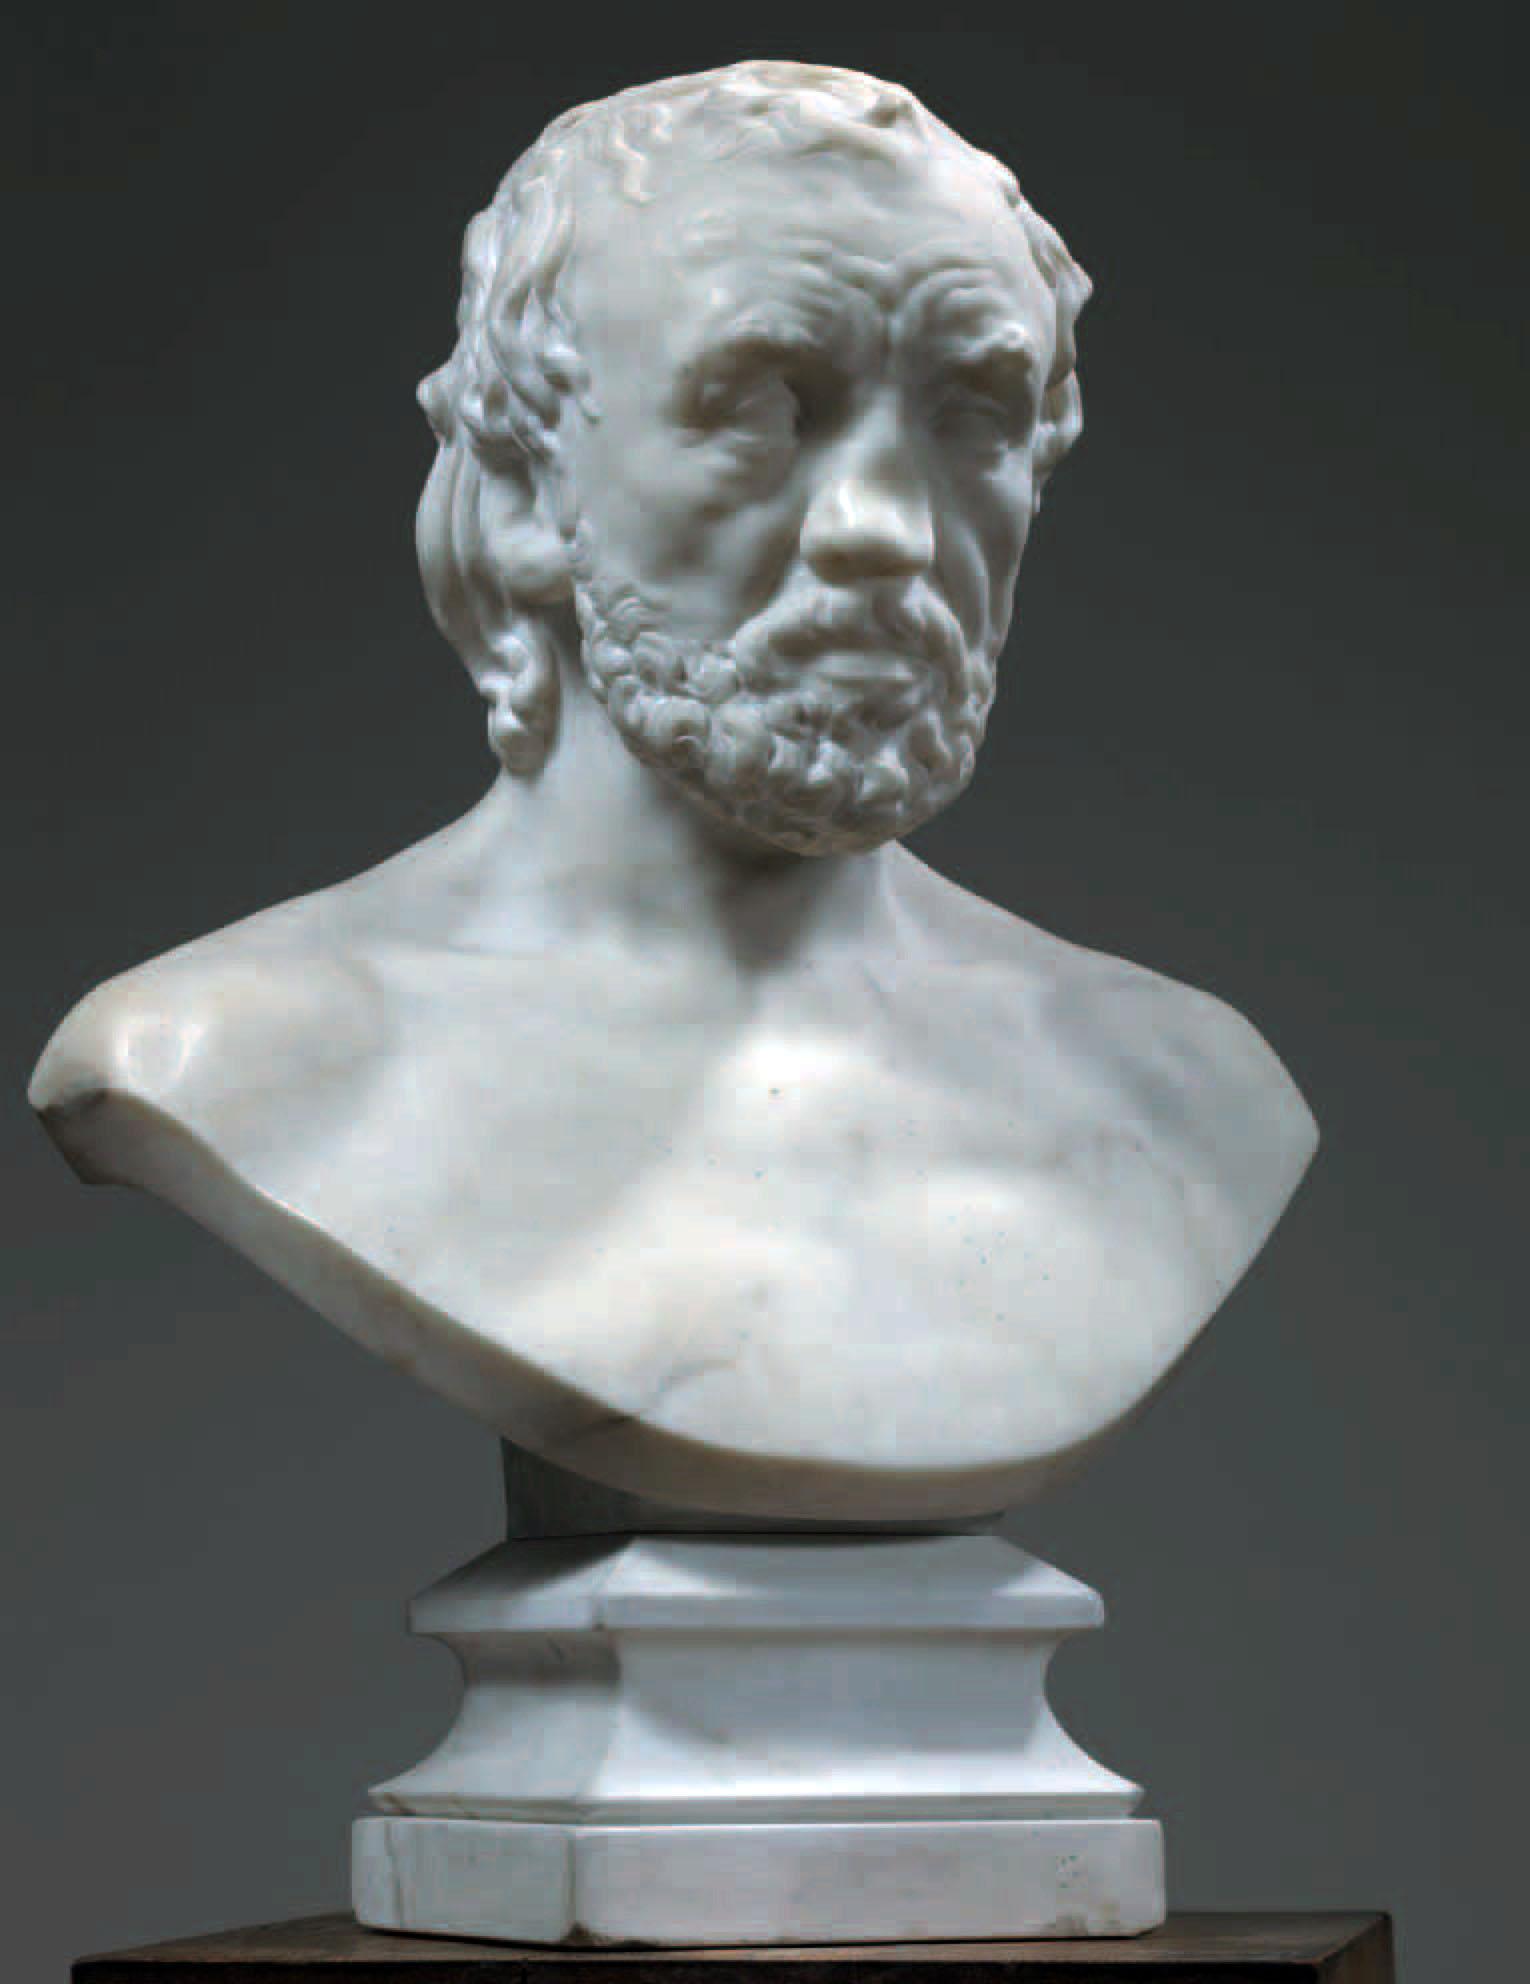 Rodin il marmo la vita for Rodin scultore